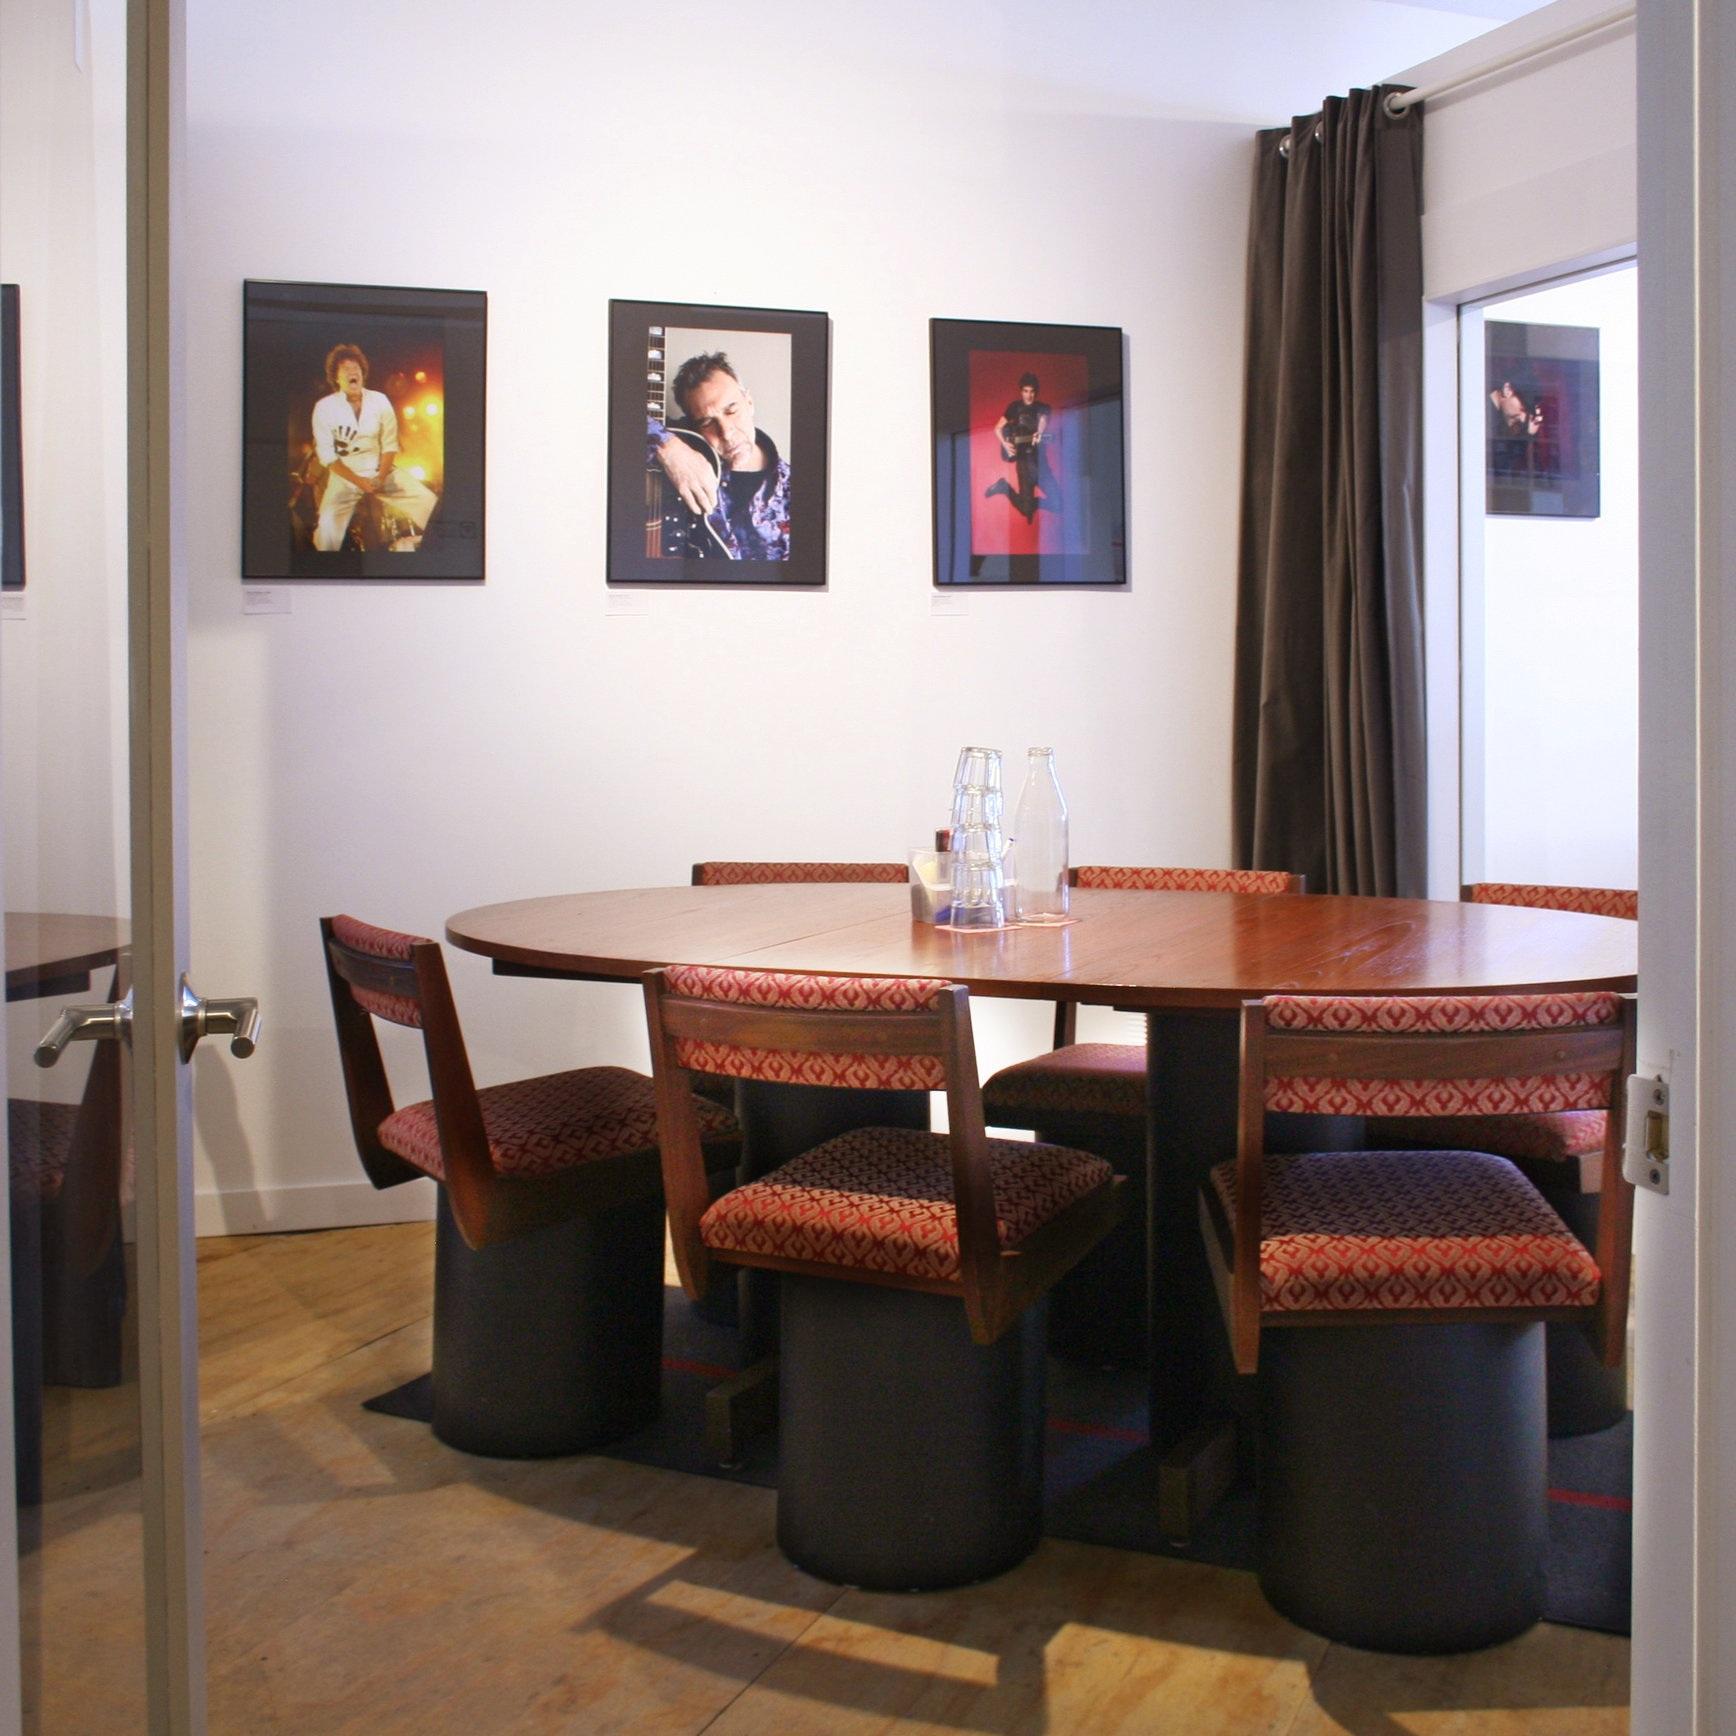 Salle 1 - La Laurentienne - Espace de réunion convivial pouvant accueillir jusqu'à 8 personnes20 $/h ou 120 $/jourVous prévoyez une demi-journée ou une journée complète de boulot ? Demandez pour qu'on vous prépare des paniers-déjeuner ou des boîtes-à-lunch du midi.